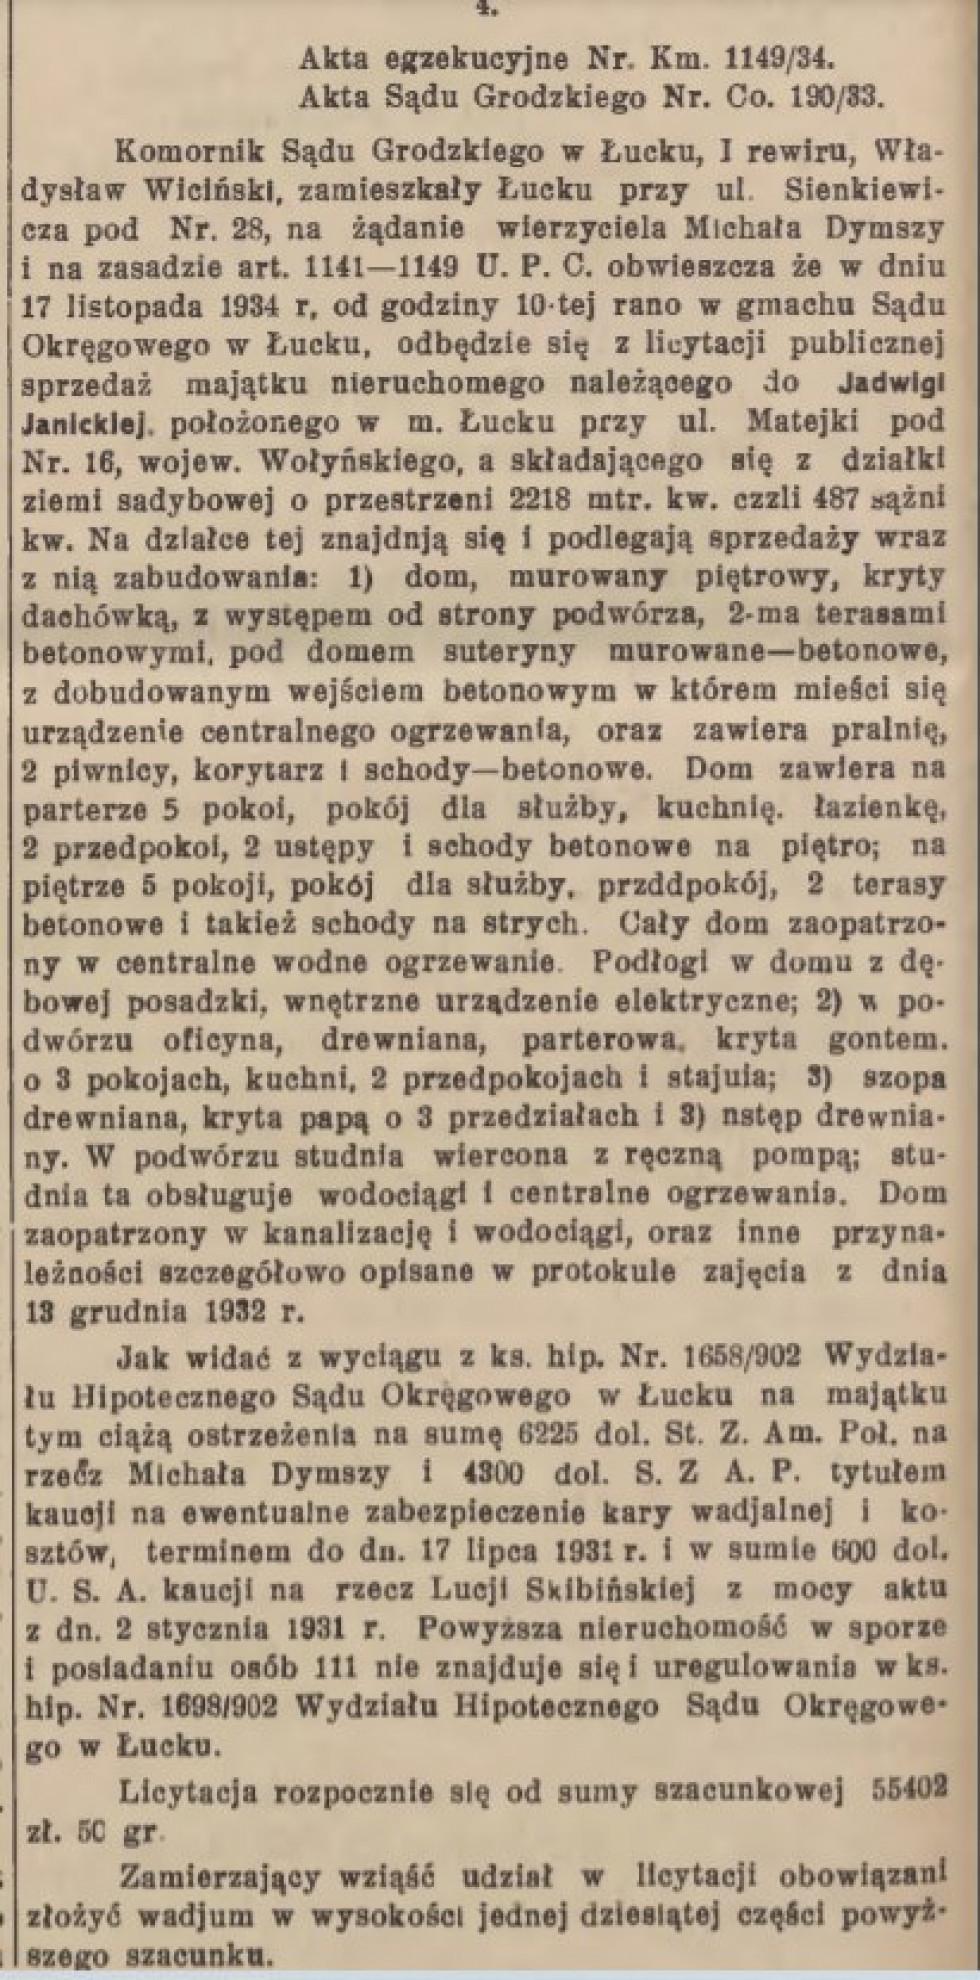 Wołyński Dziennik Wojewódzki, 14 липня 1934, №16